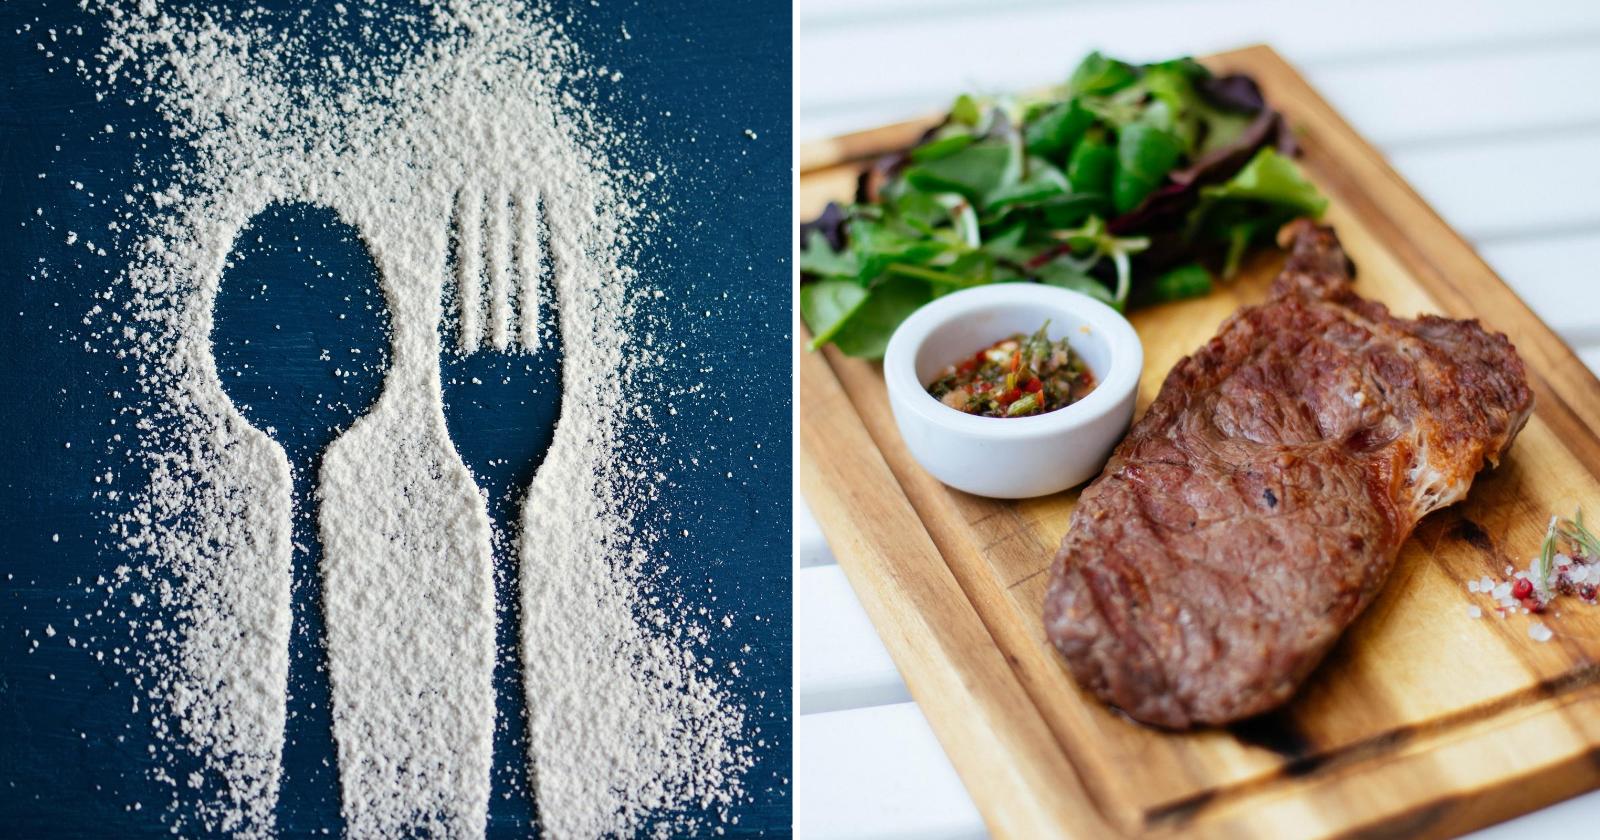 10 grandes MITOS da alimentação, derrubados pela ciência!